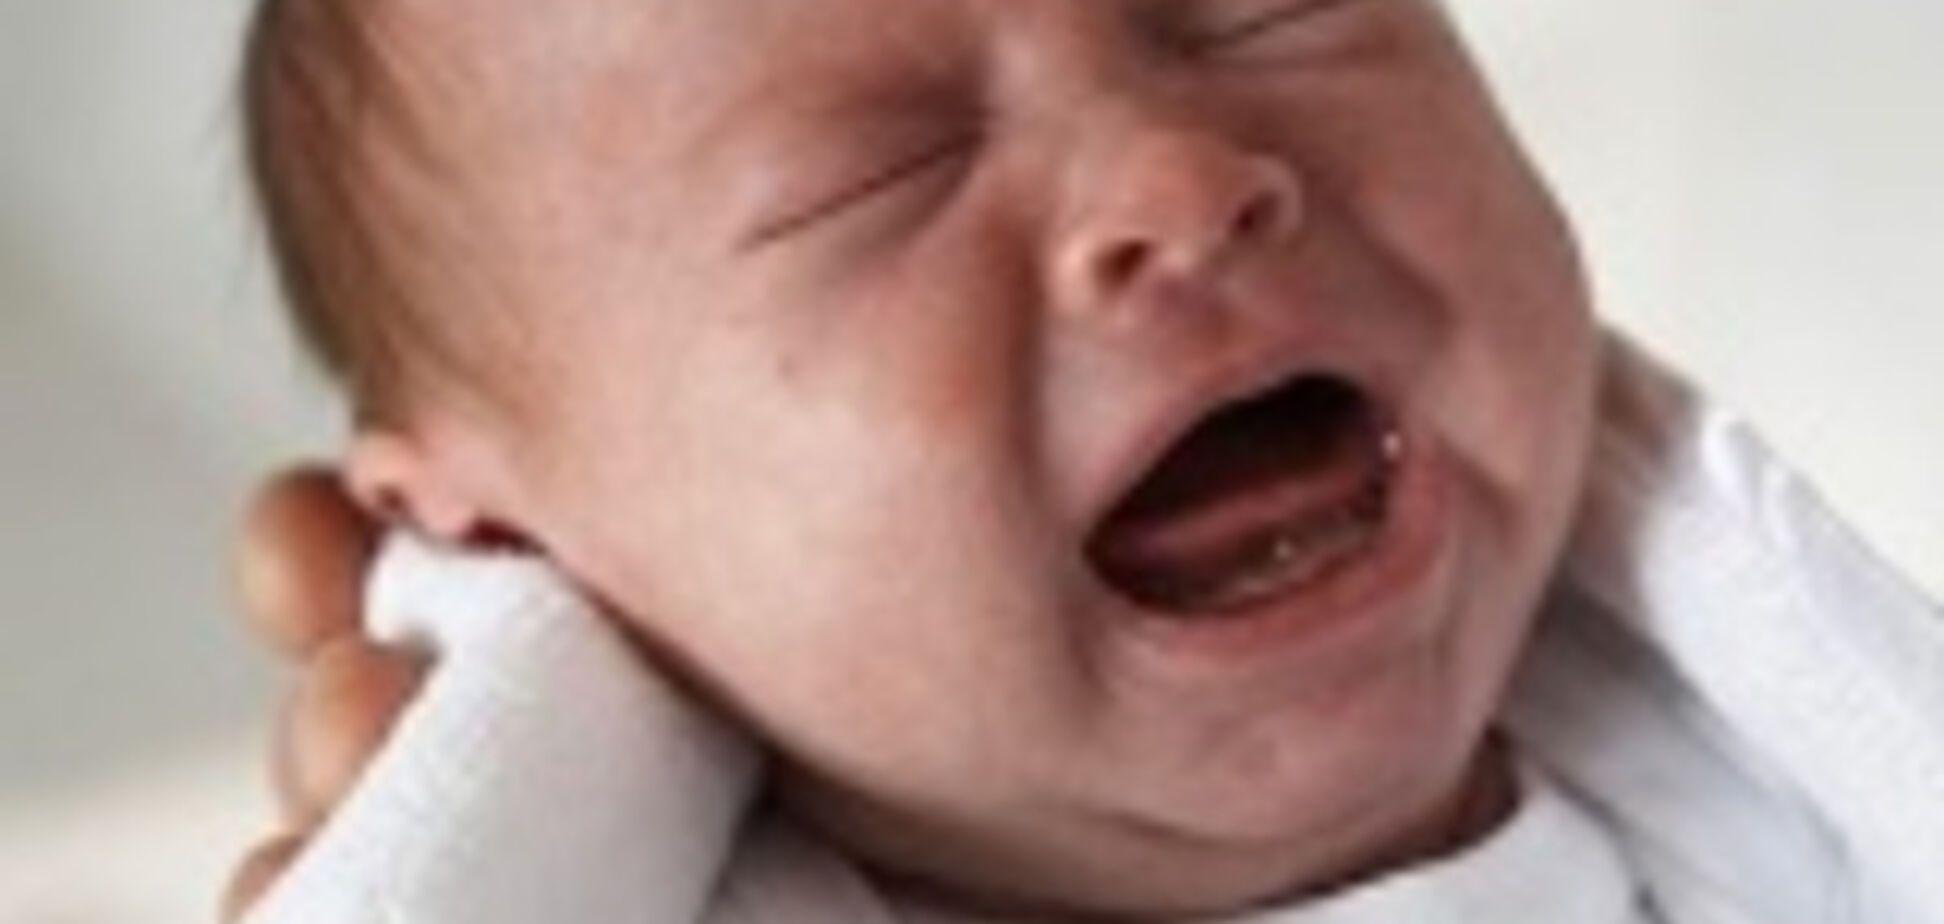 Не успев появиться на свет, запорожский младенец познал всю жестокость мира